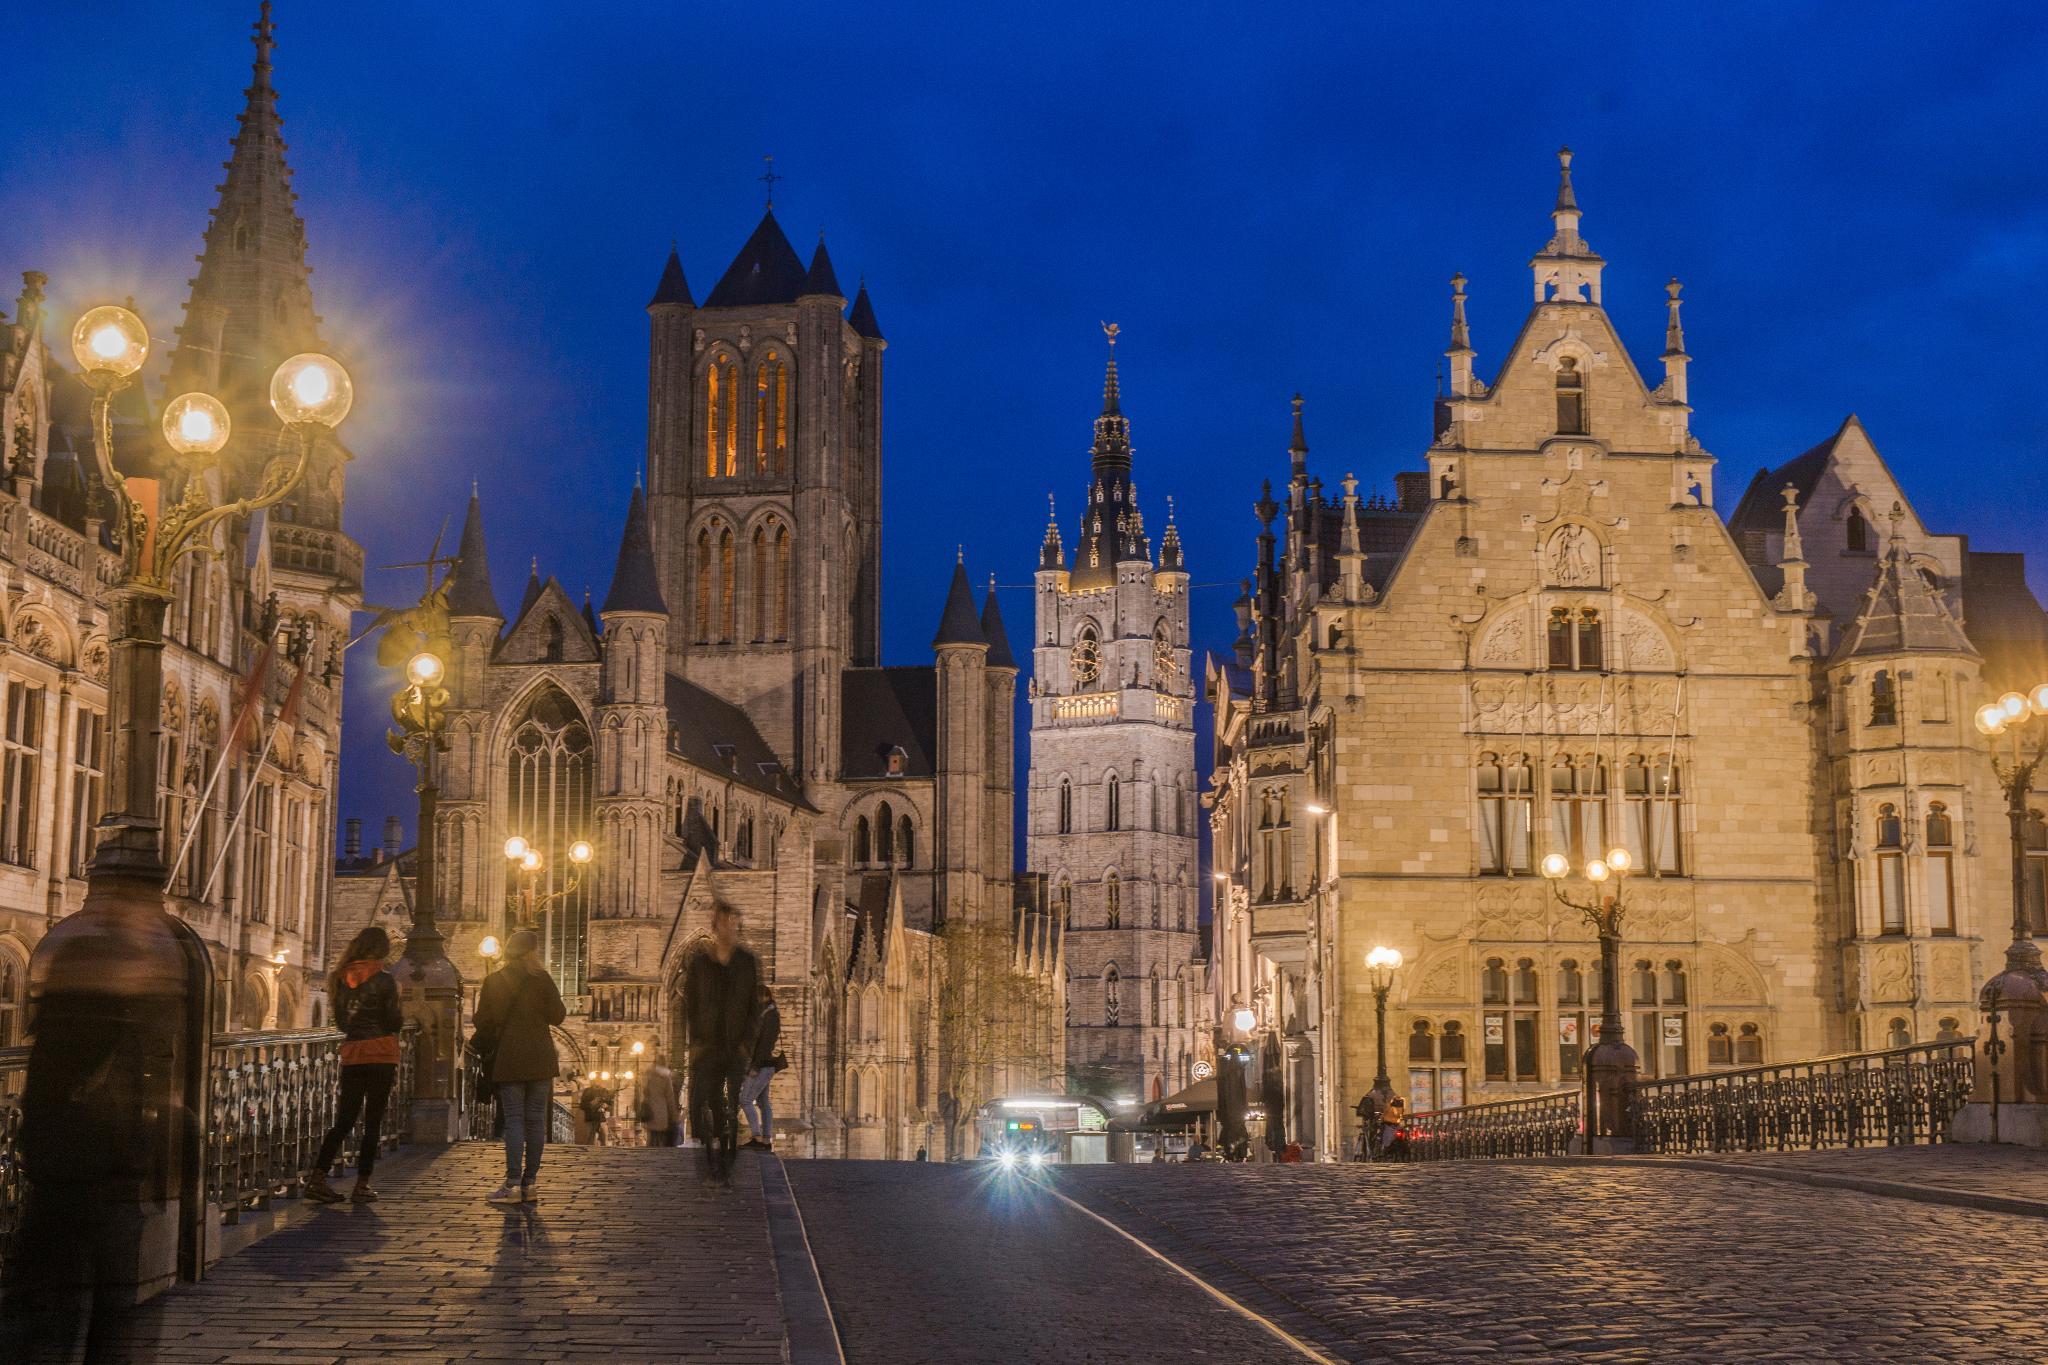 【比利時】穿梭中世紀的大城小事 — 比利時根特 (Ghent) 散步景點總整理